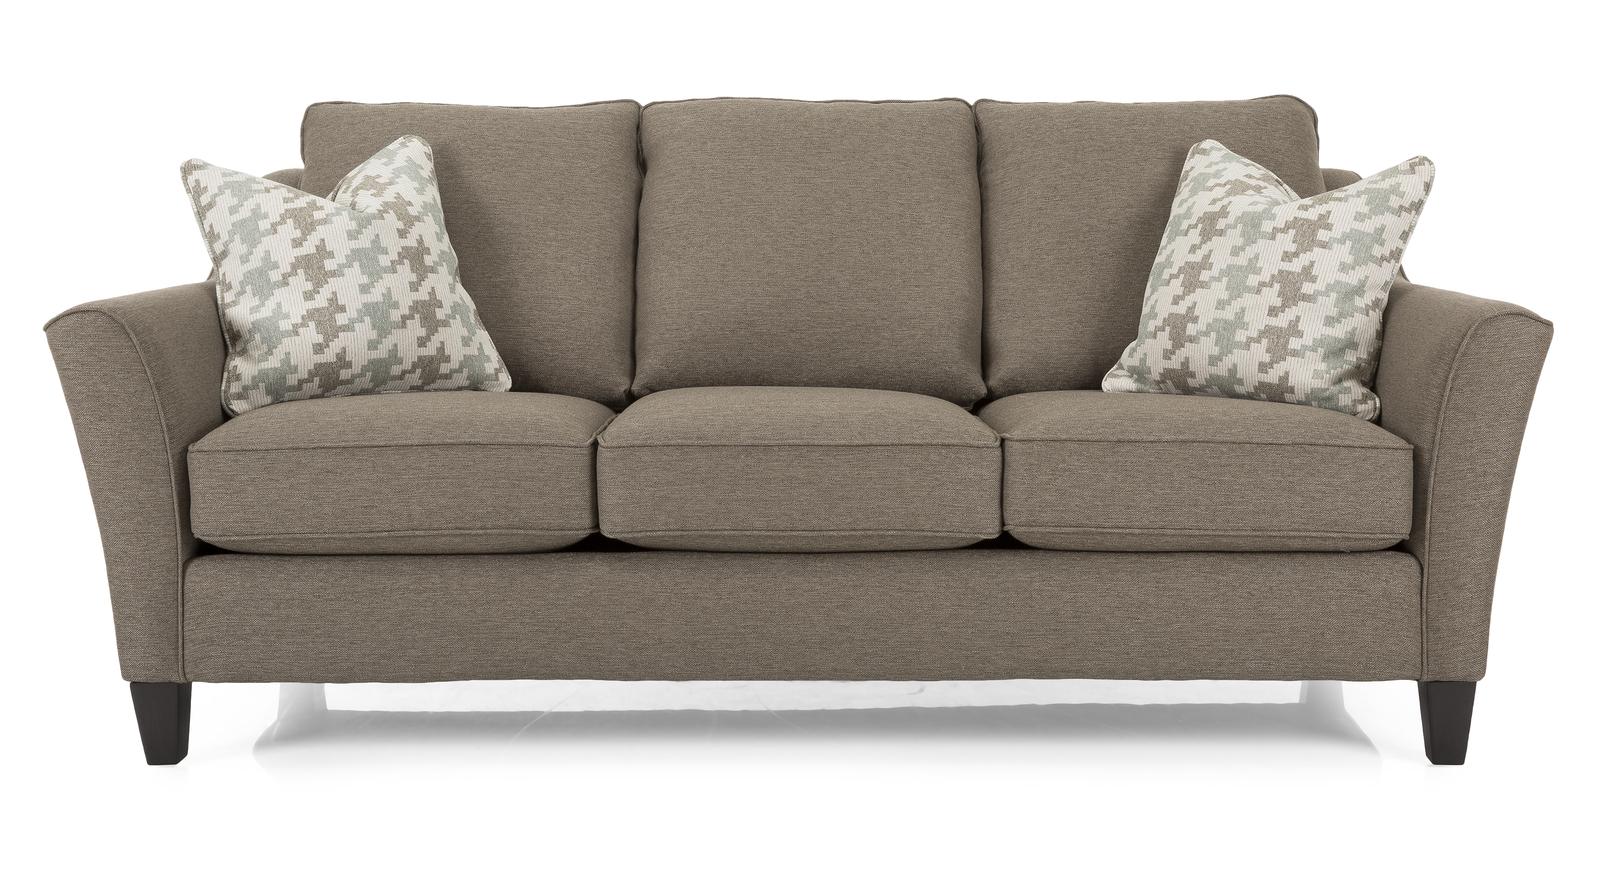 2342 Sofa Suite